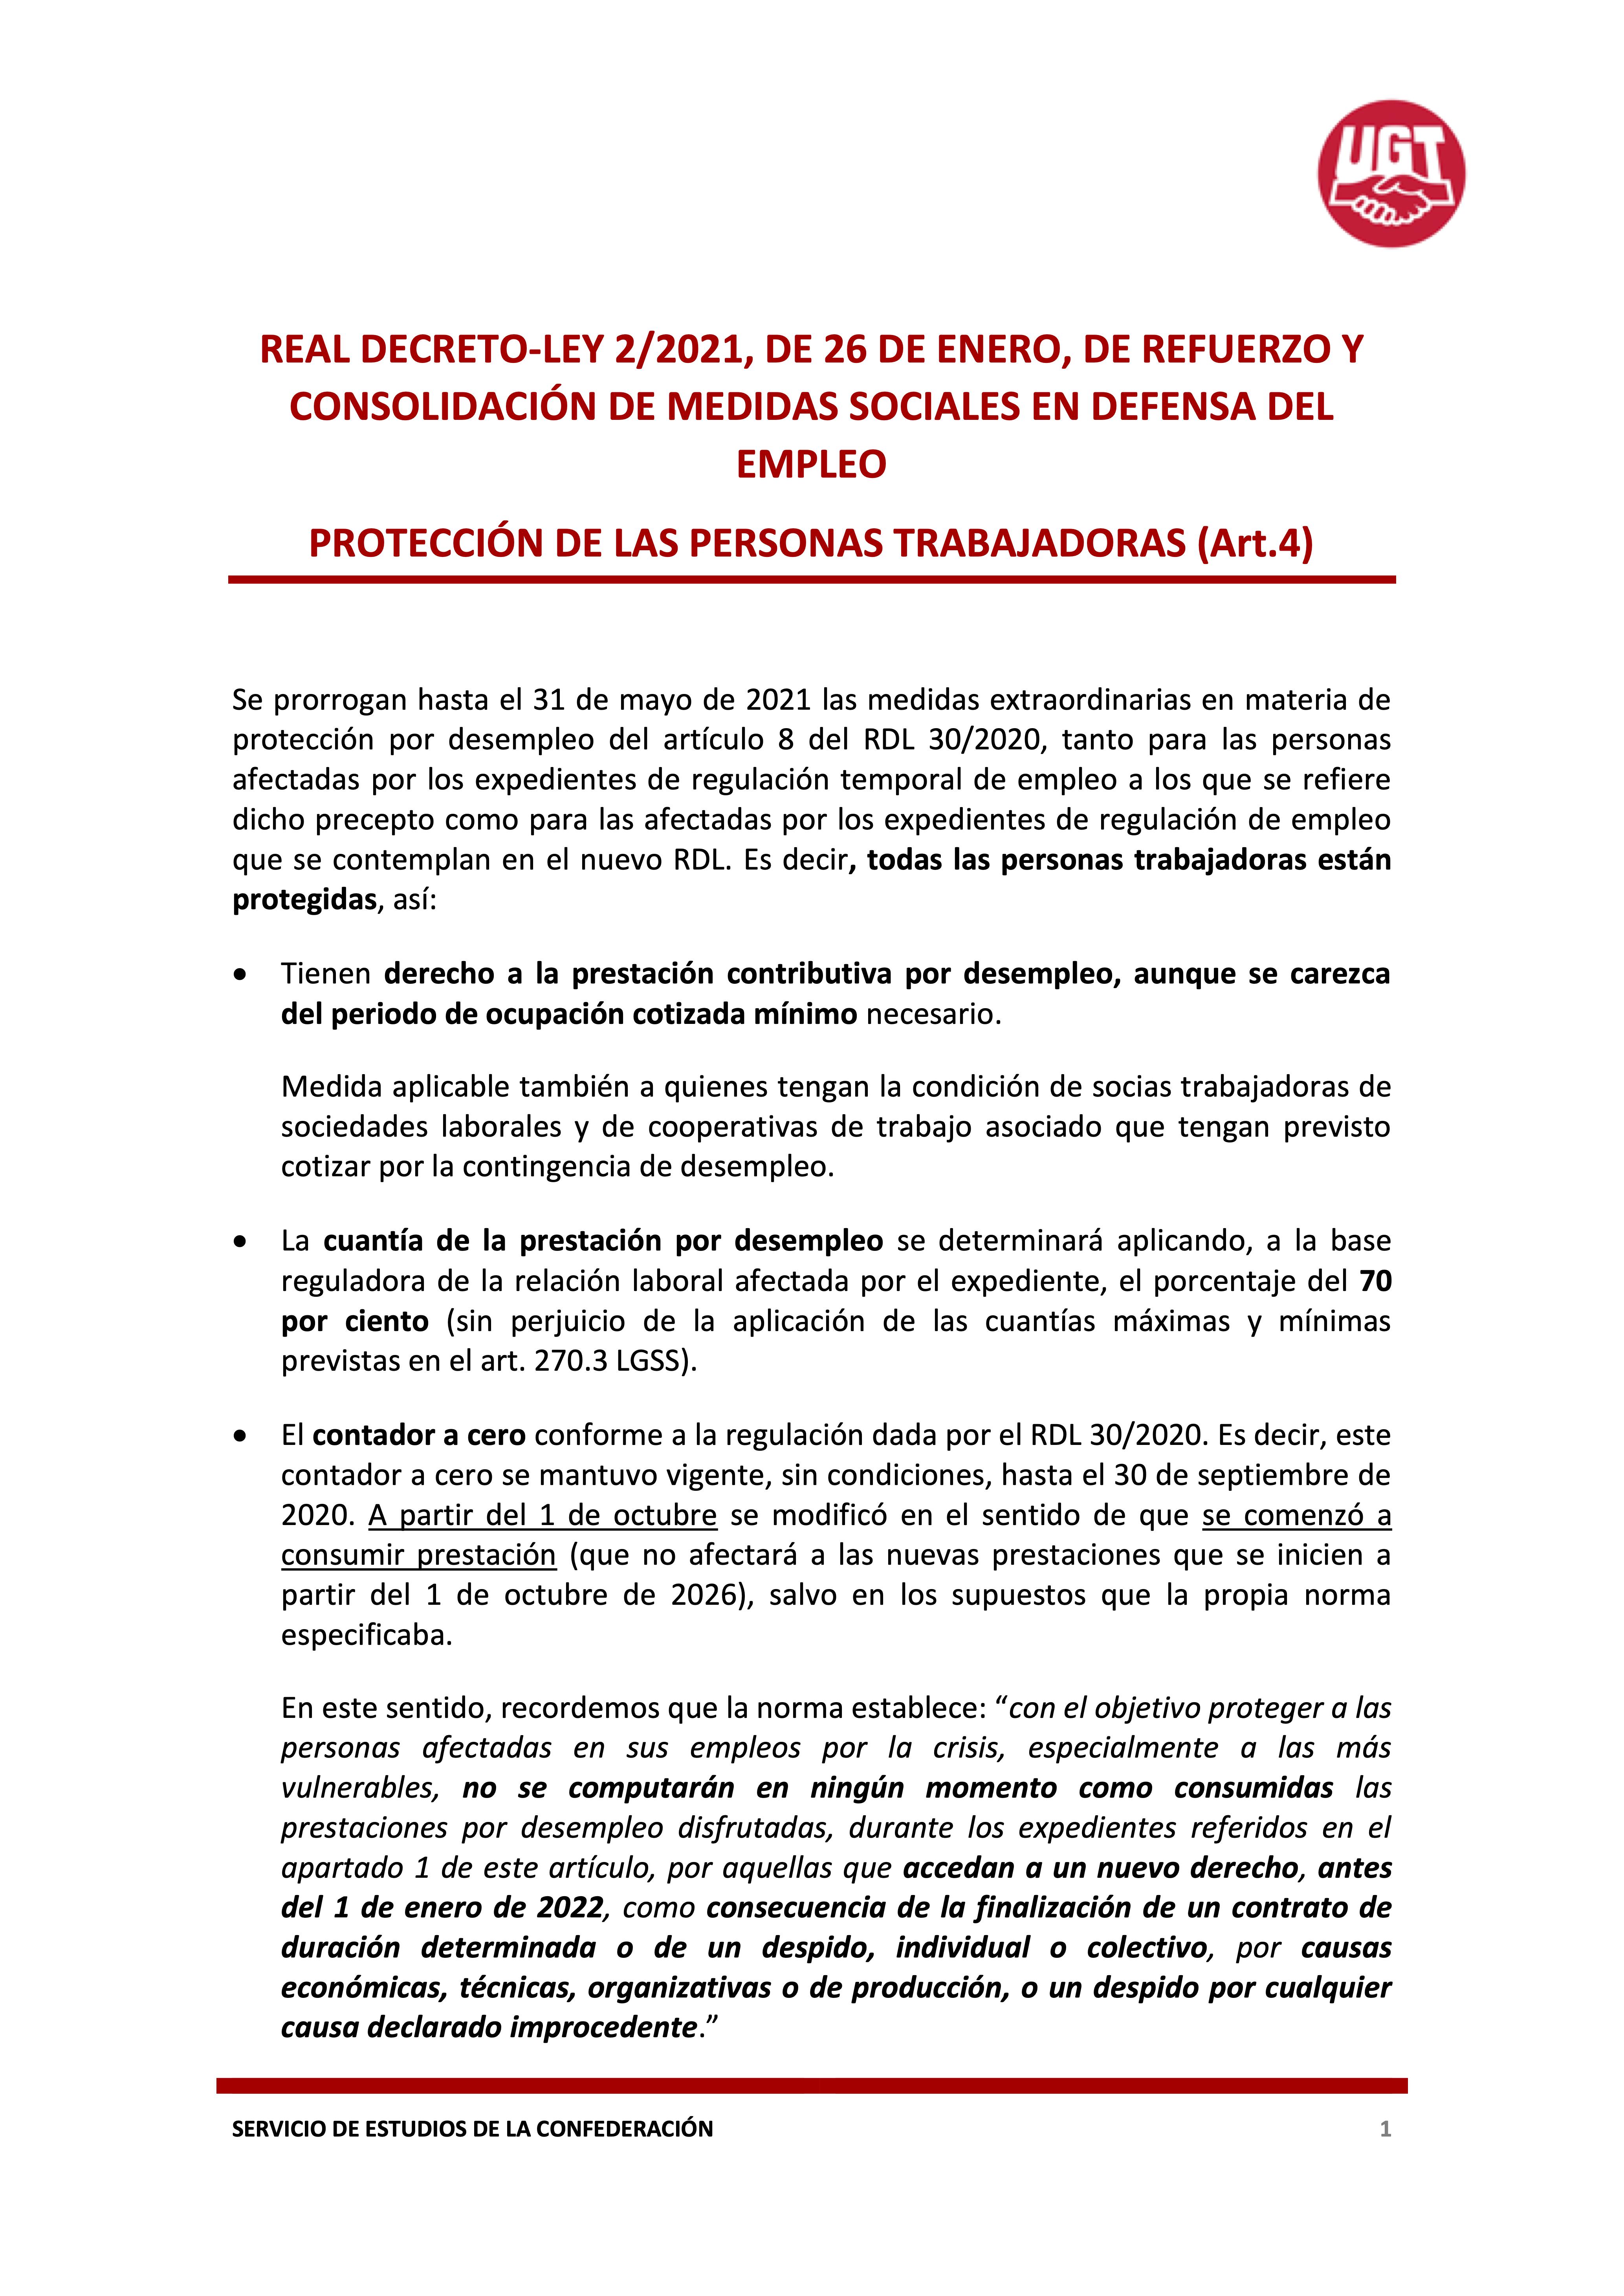 REAL DECRETO-LEY 2/2021, DE 26 DE ENERO, DE REFUERZO Y CONSOLIDACIÓN DE MEDIDAS SOCIALES EN DEFENSA DEL EMPLEO PROTECCIÓN DE LAS PERSONAS TRABAJADORAS (Art.4)